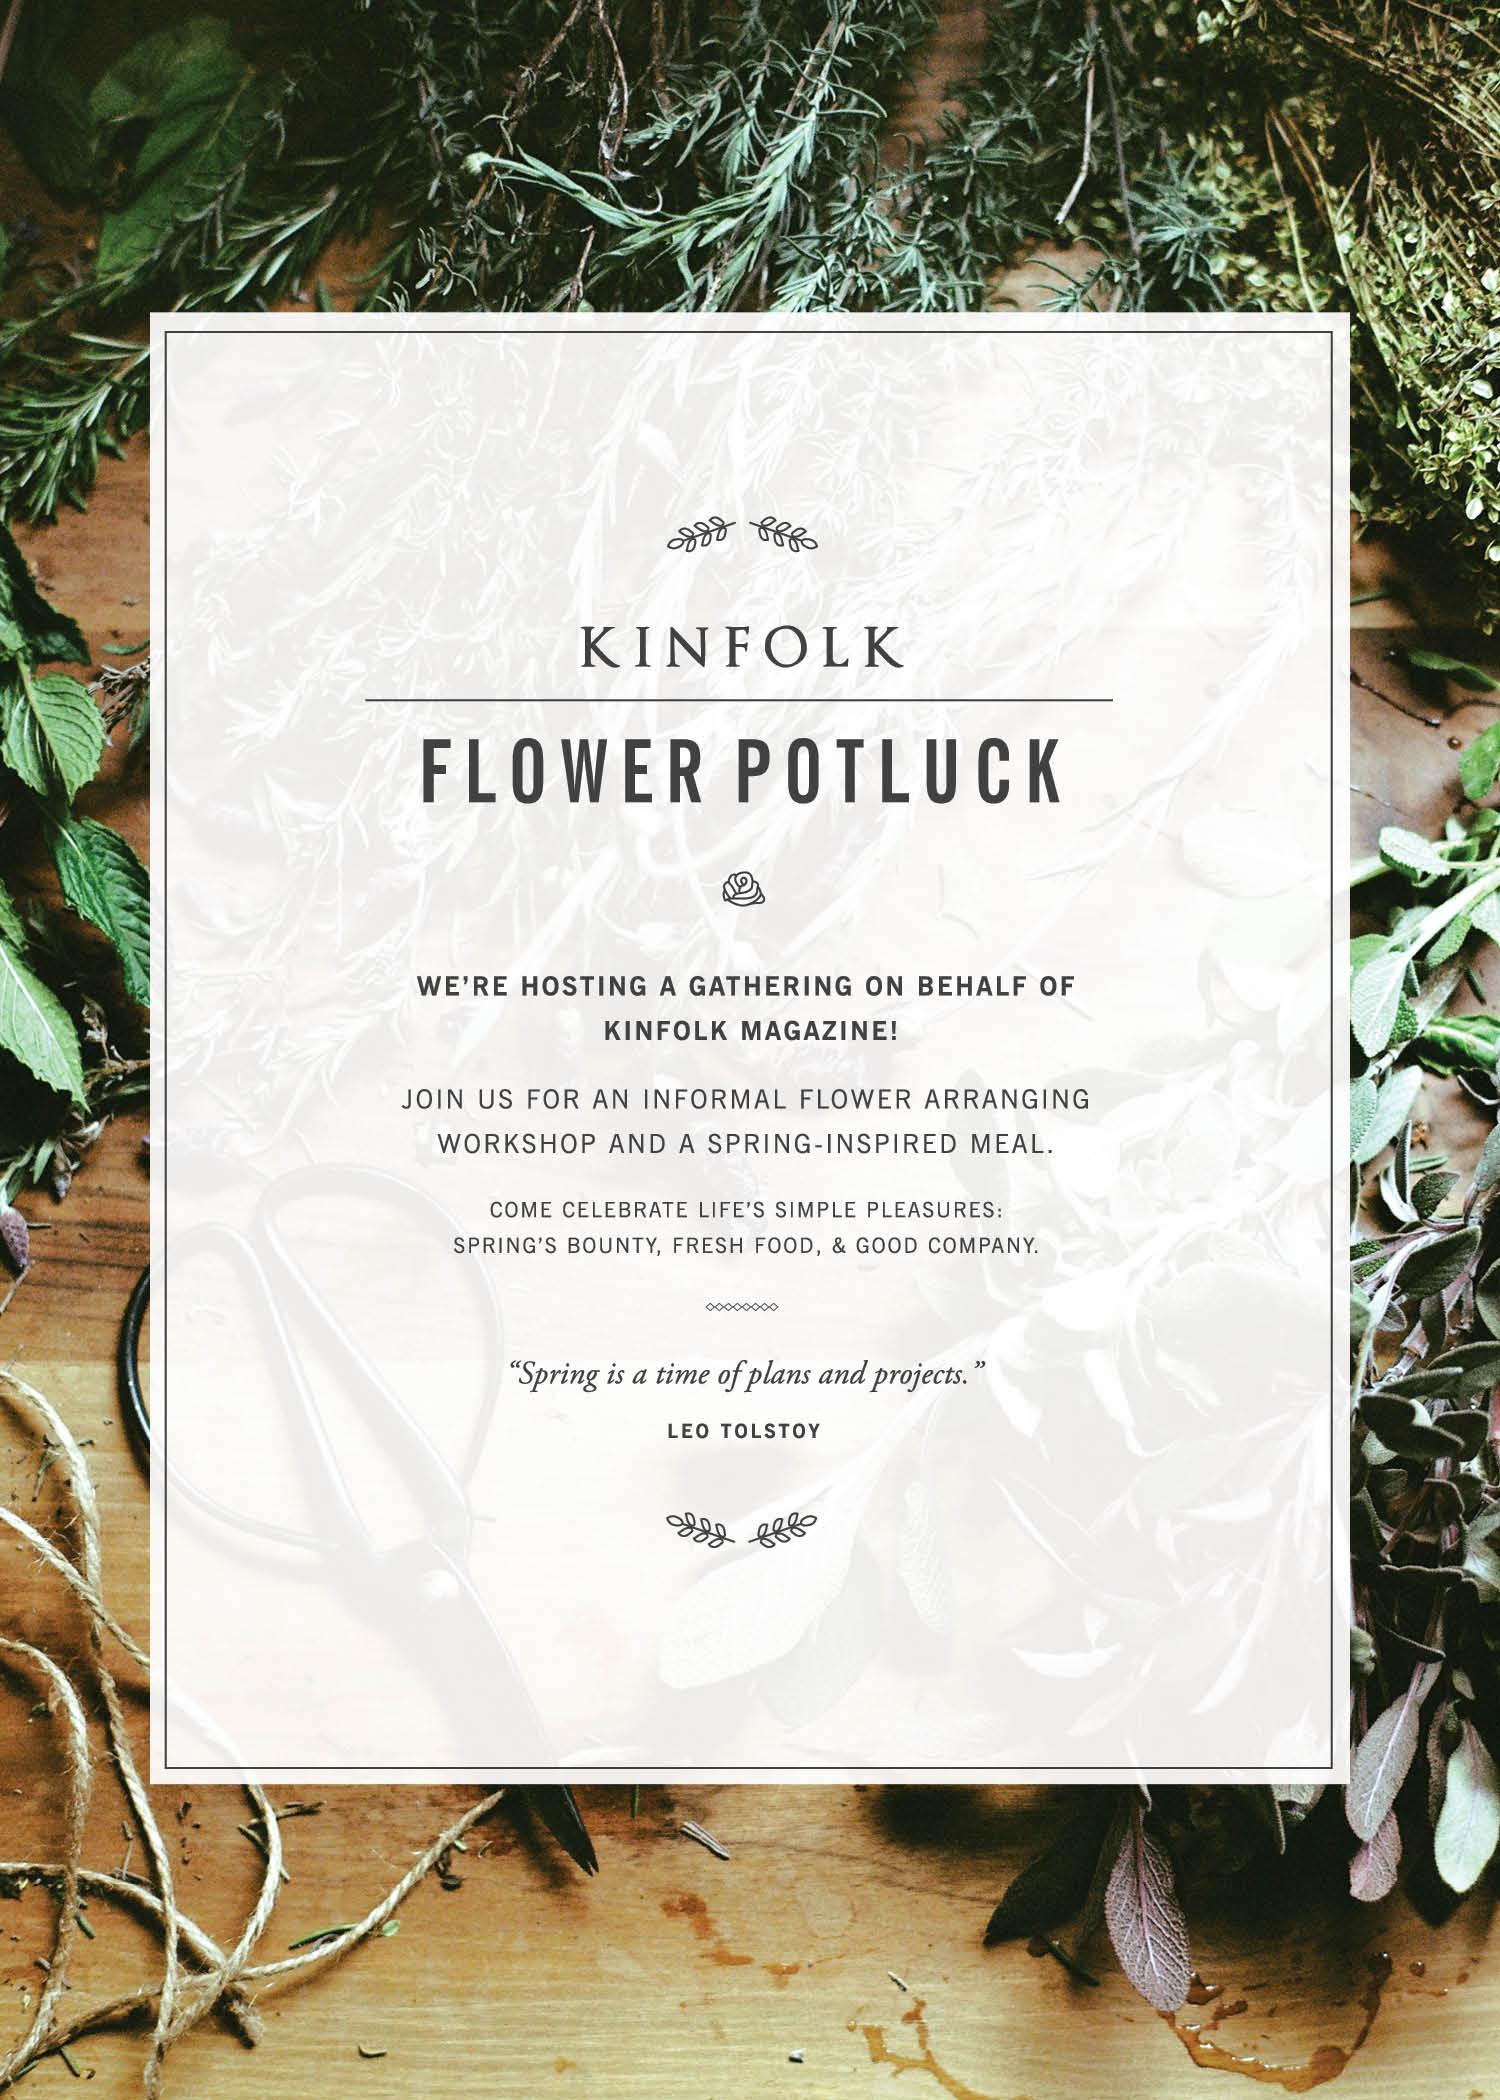 Flower Potluck Announcement.jpg